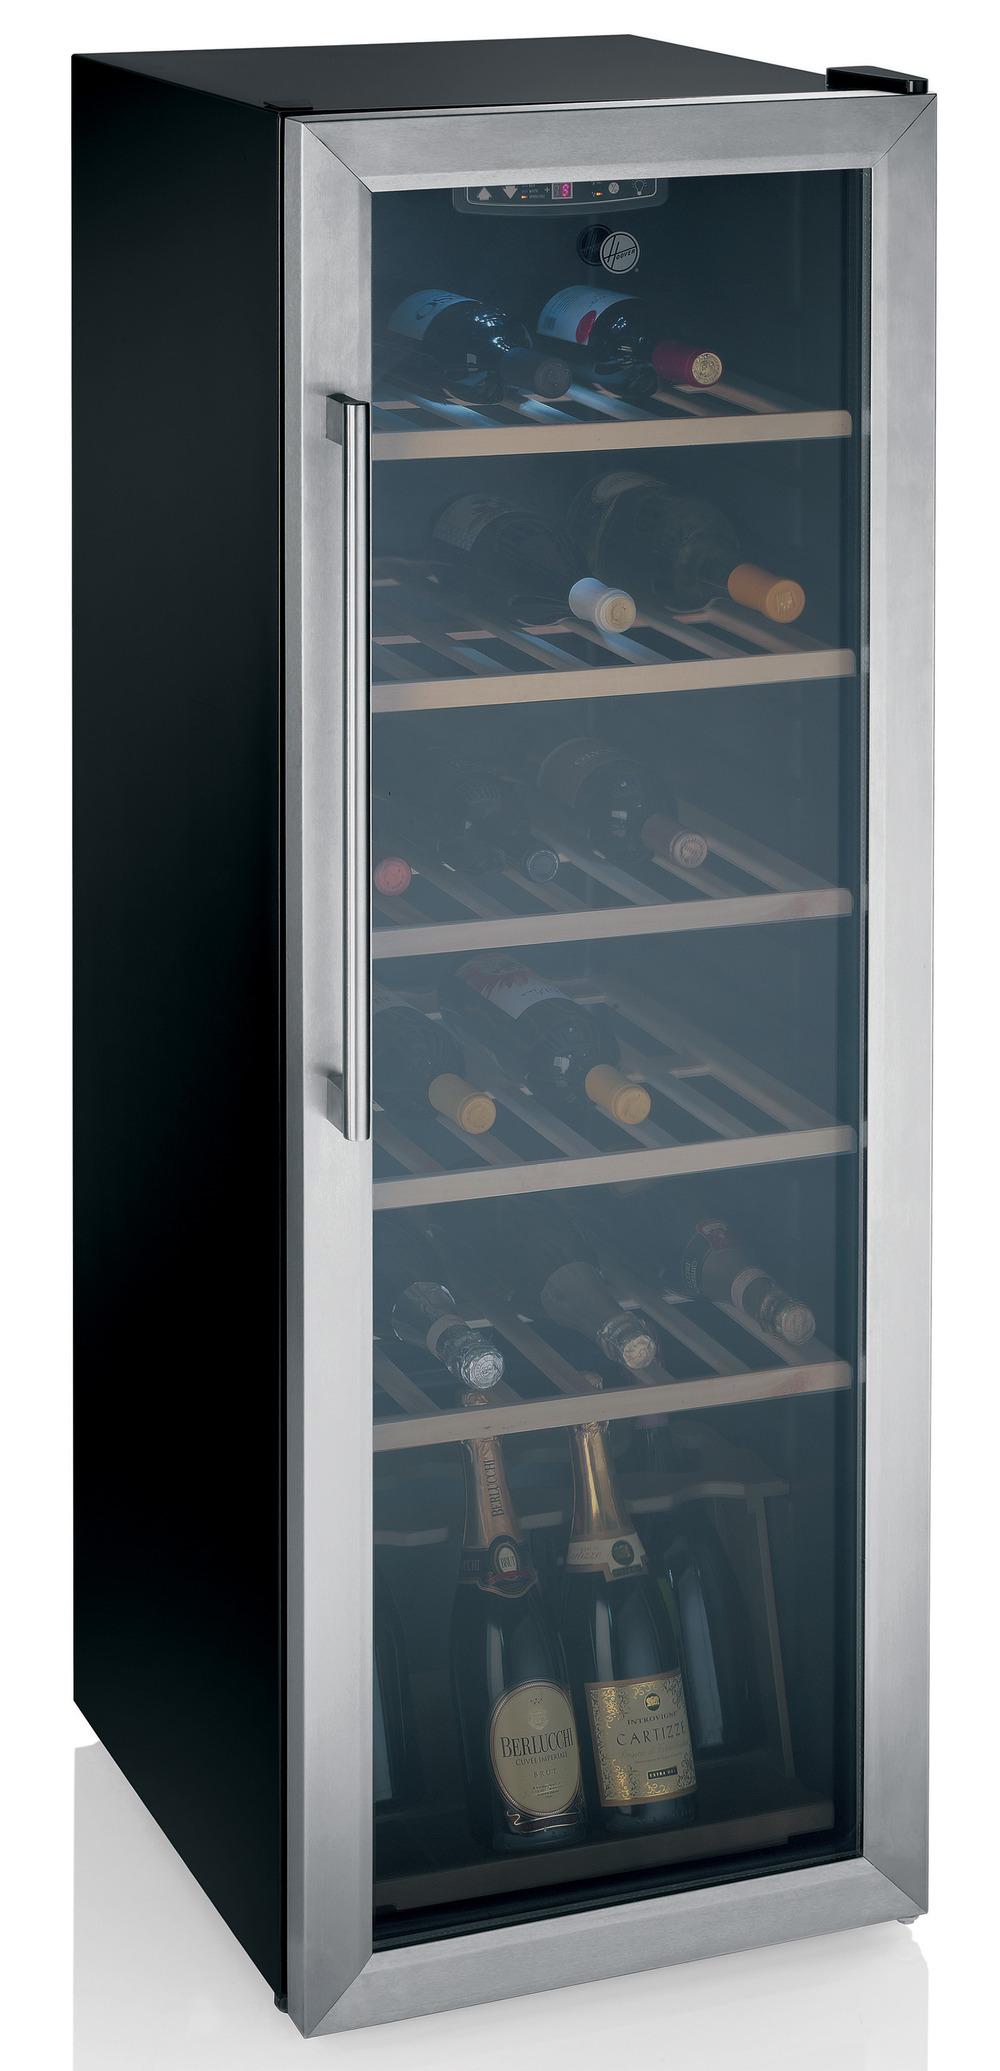 Hoover vinkøleskab HWC 25360